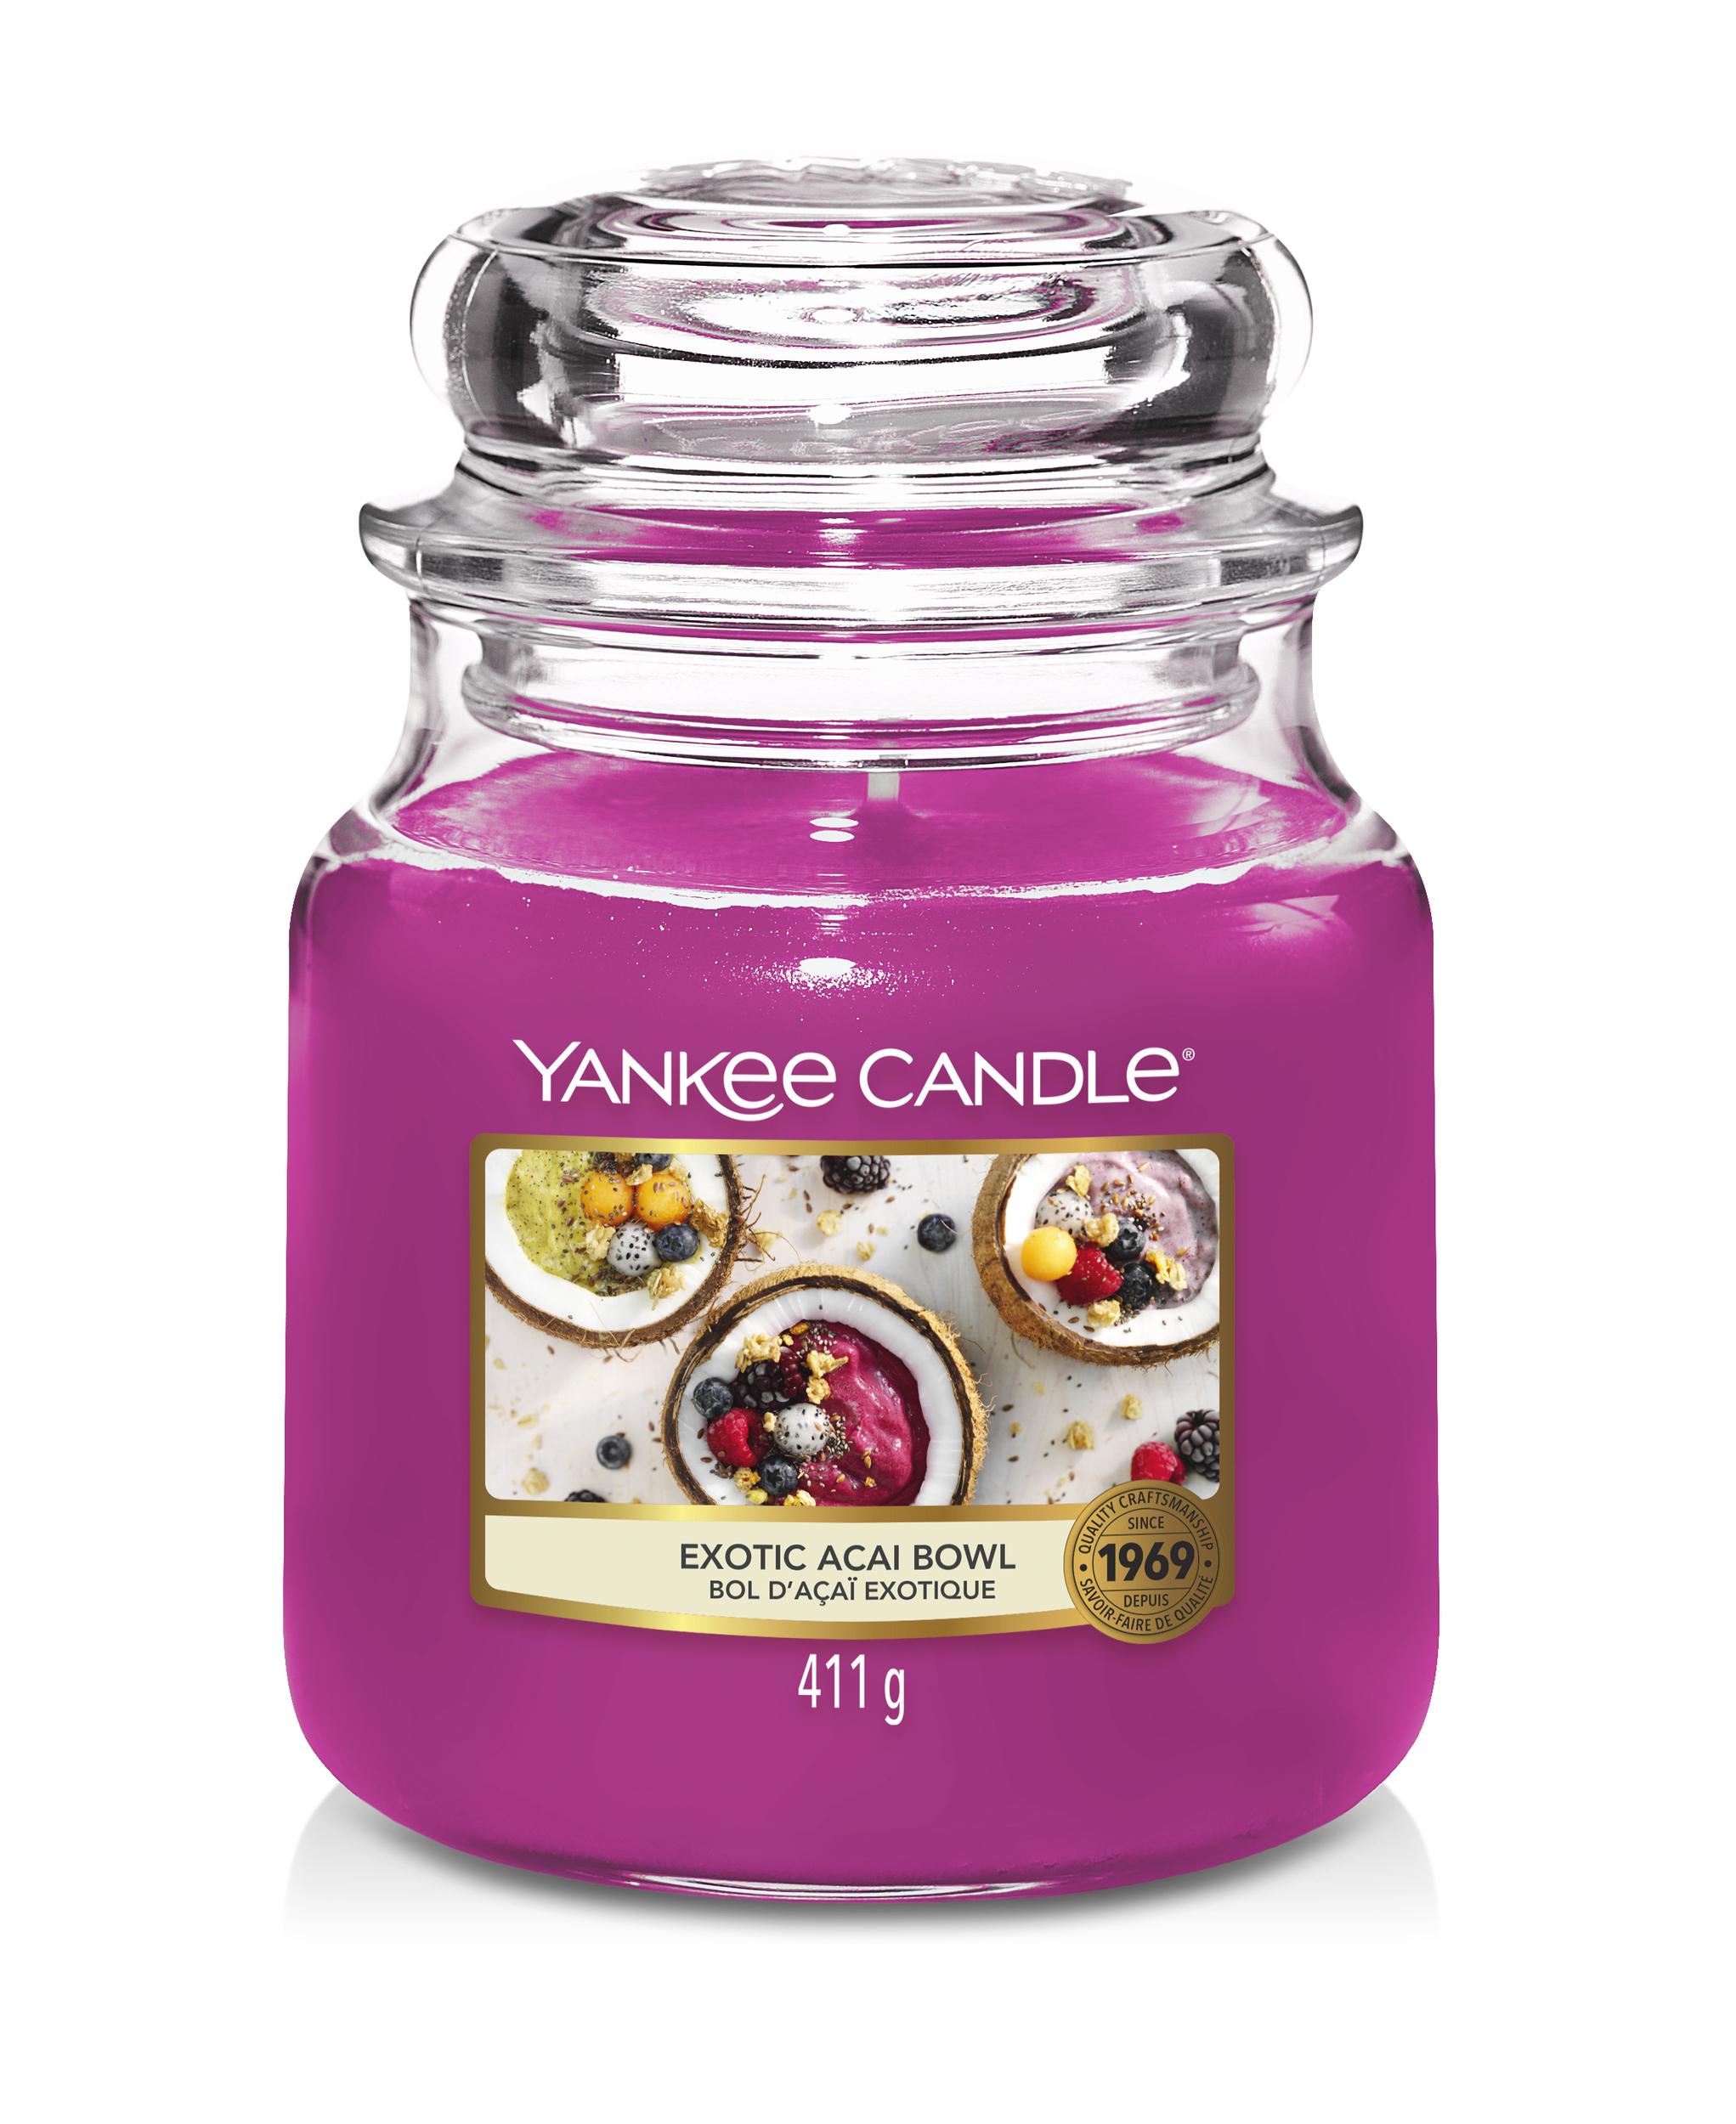 Bougie Exotic Acai Bowl moyenne jarre - Yankee Candle